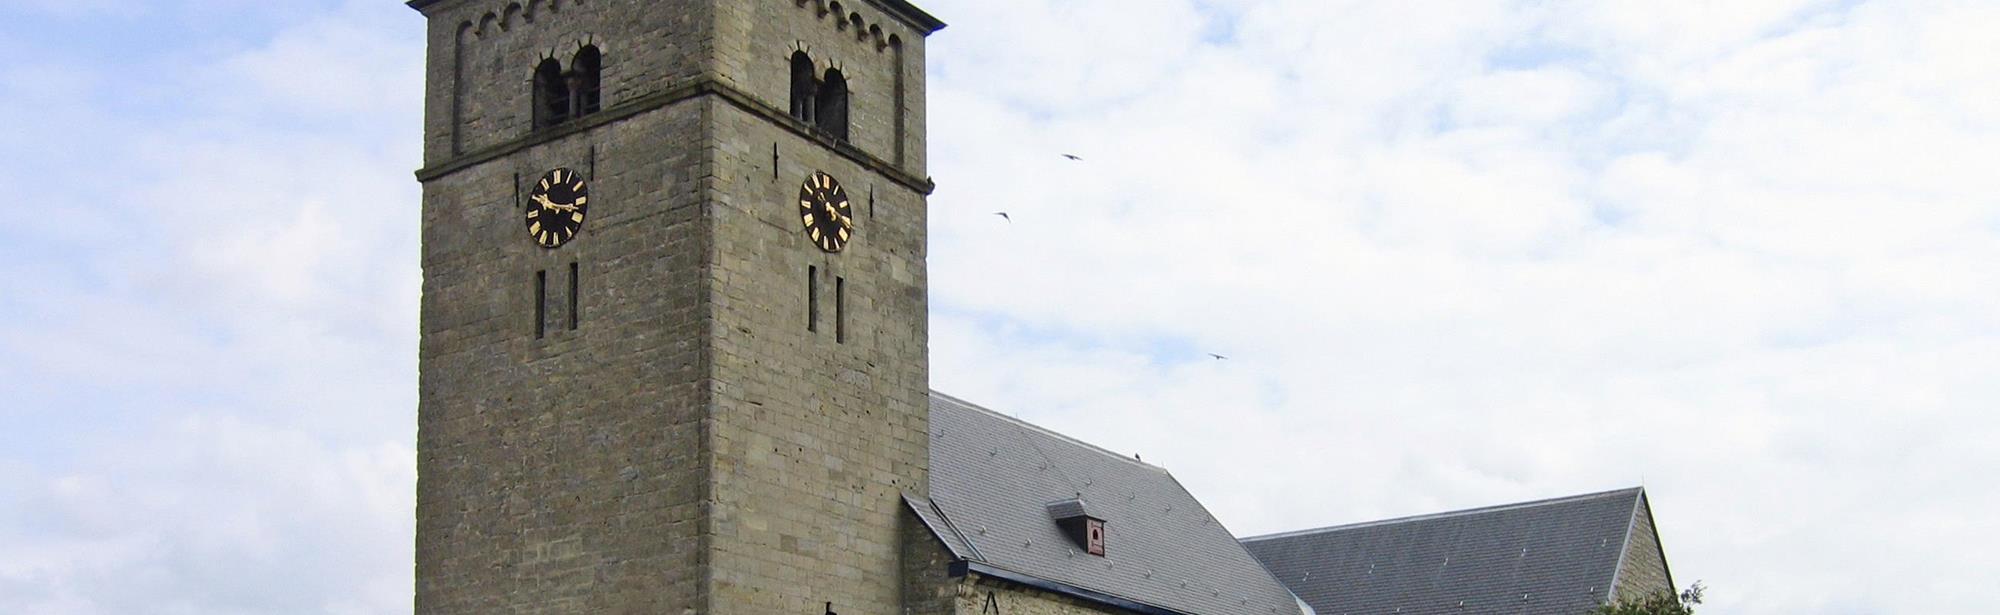 Wachttoren Heiligie Remigiuskerk